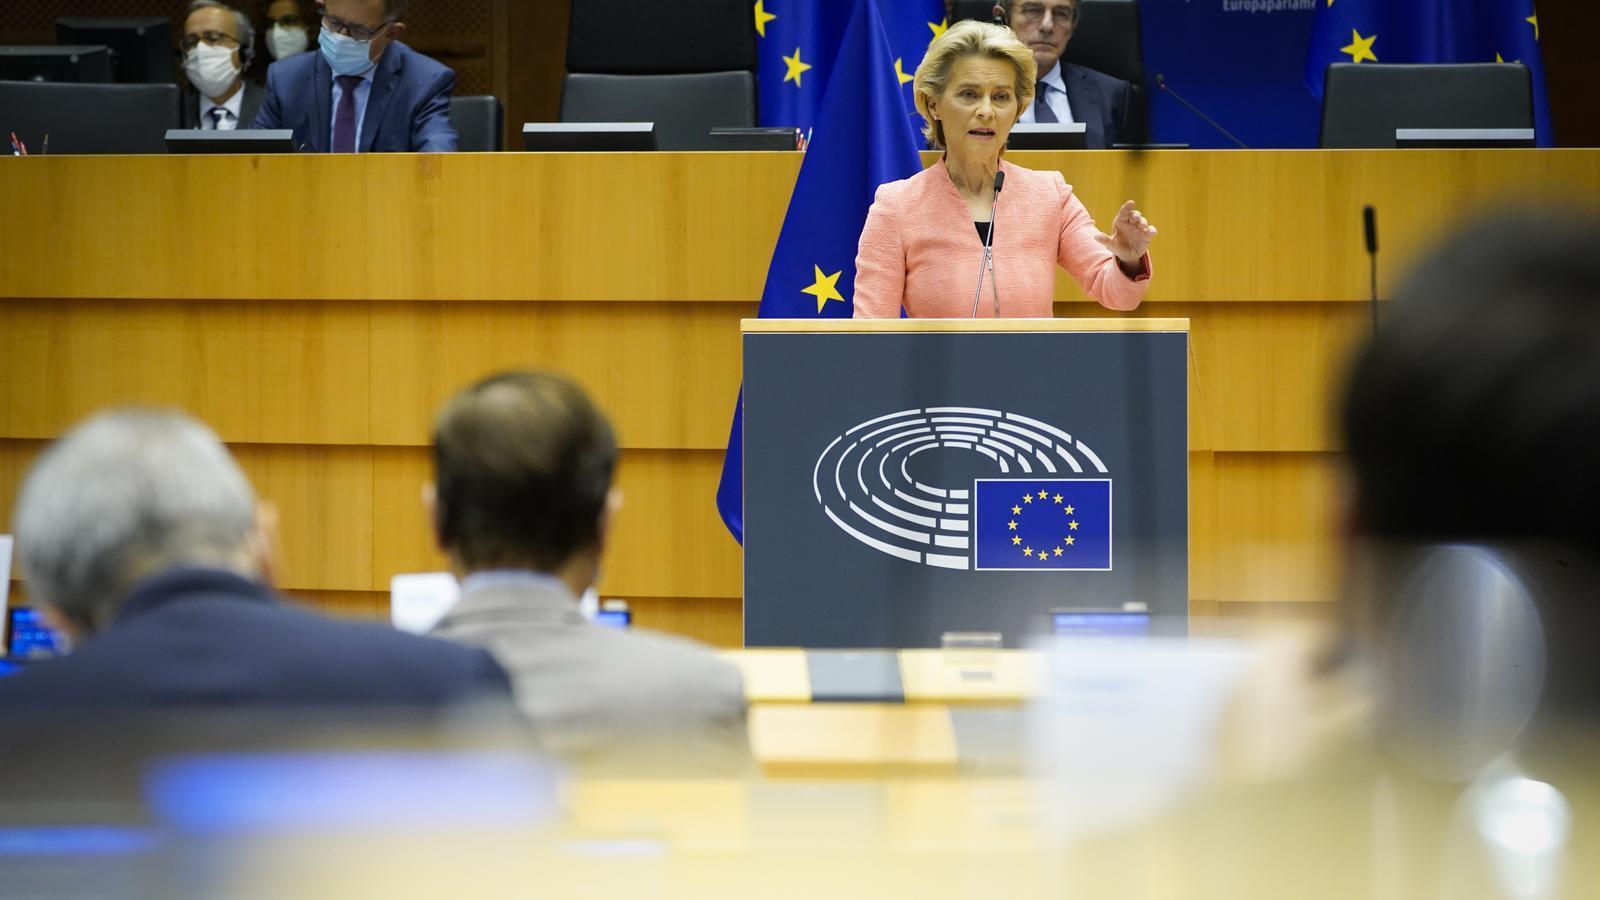 Brussel·les signarà dimarts la compra anticipada de 405 milions de dosis de la vacuna de CureVac